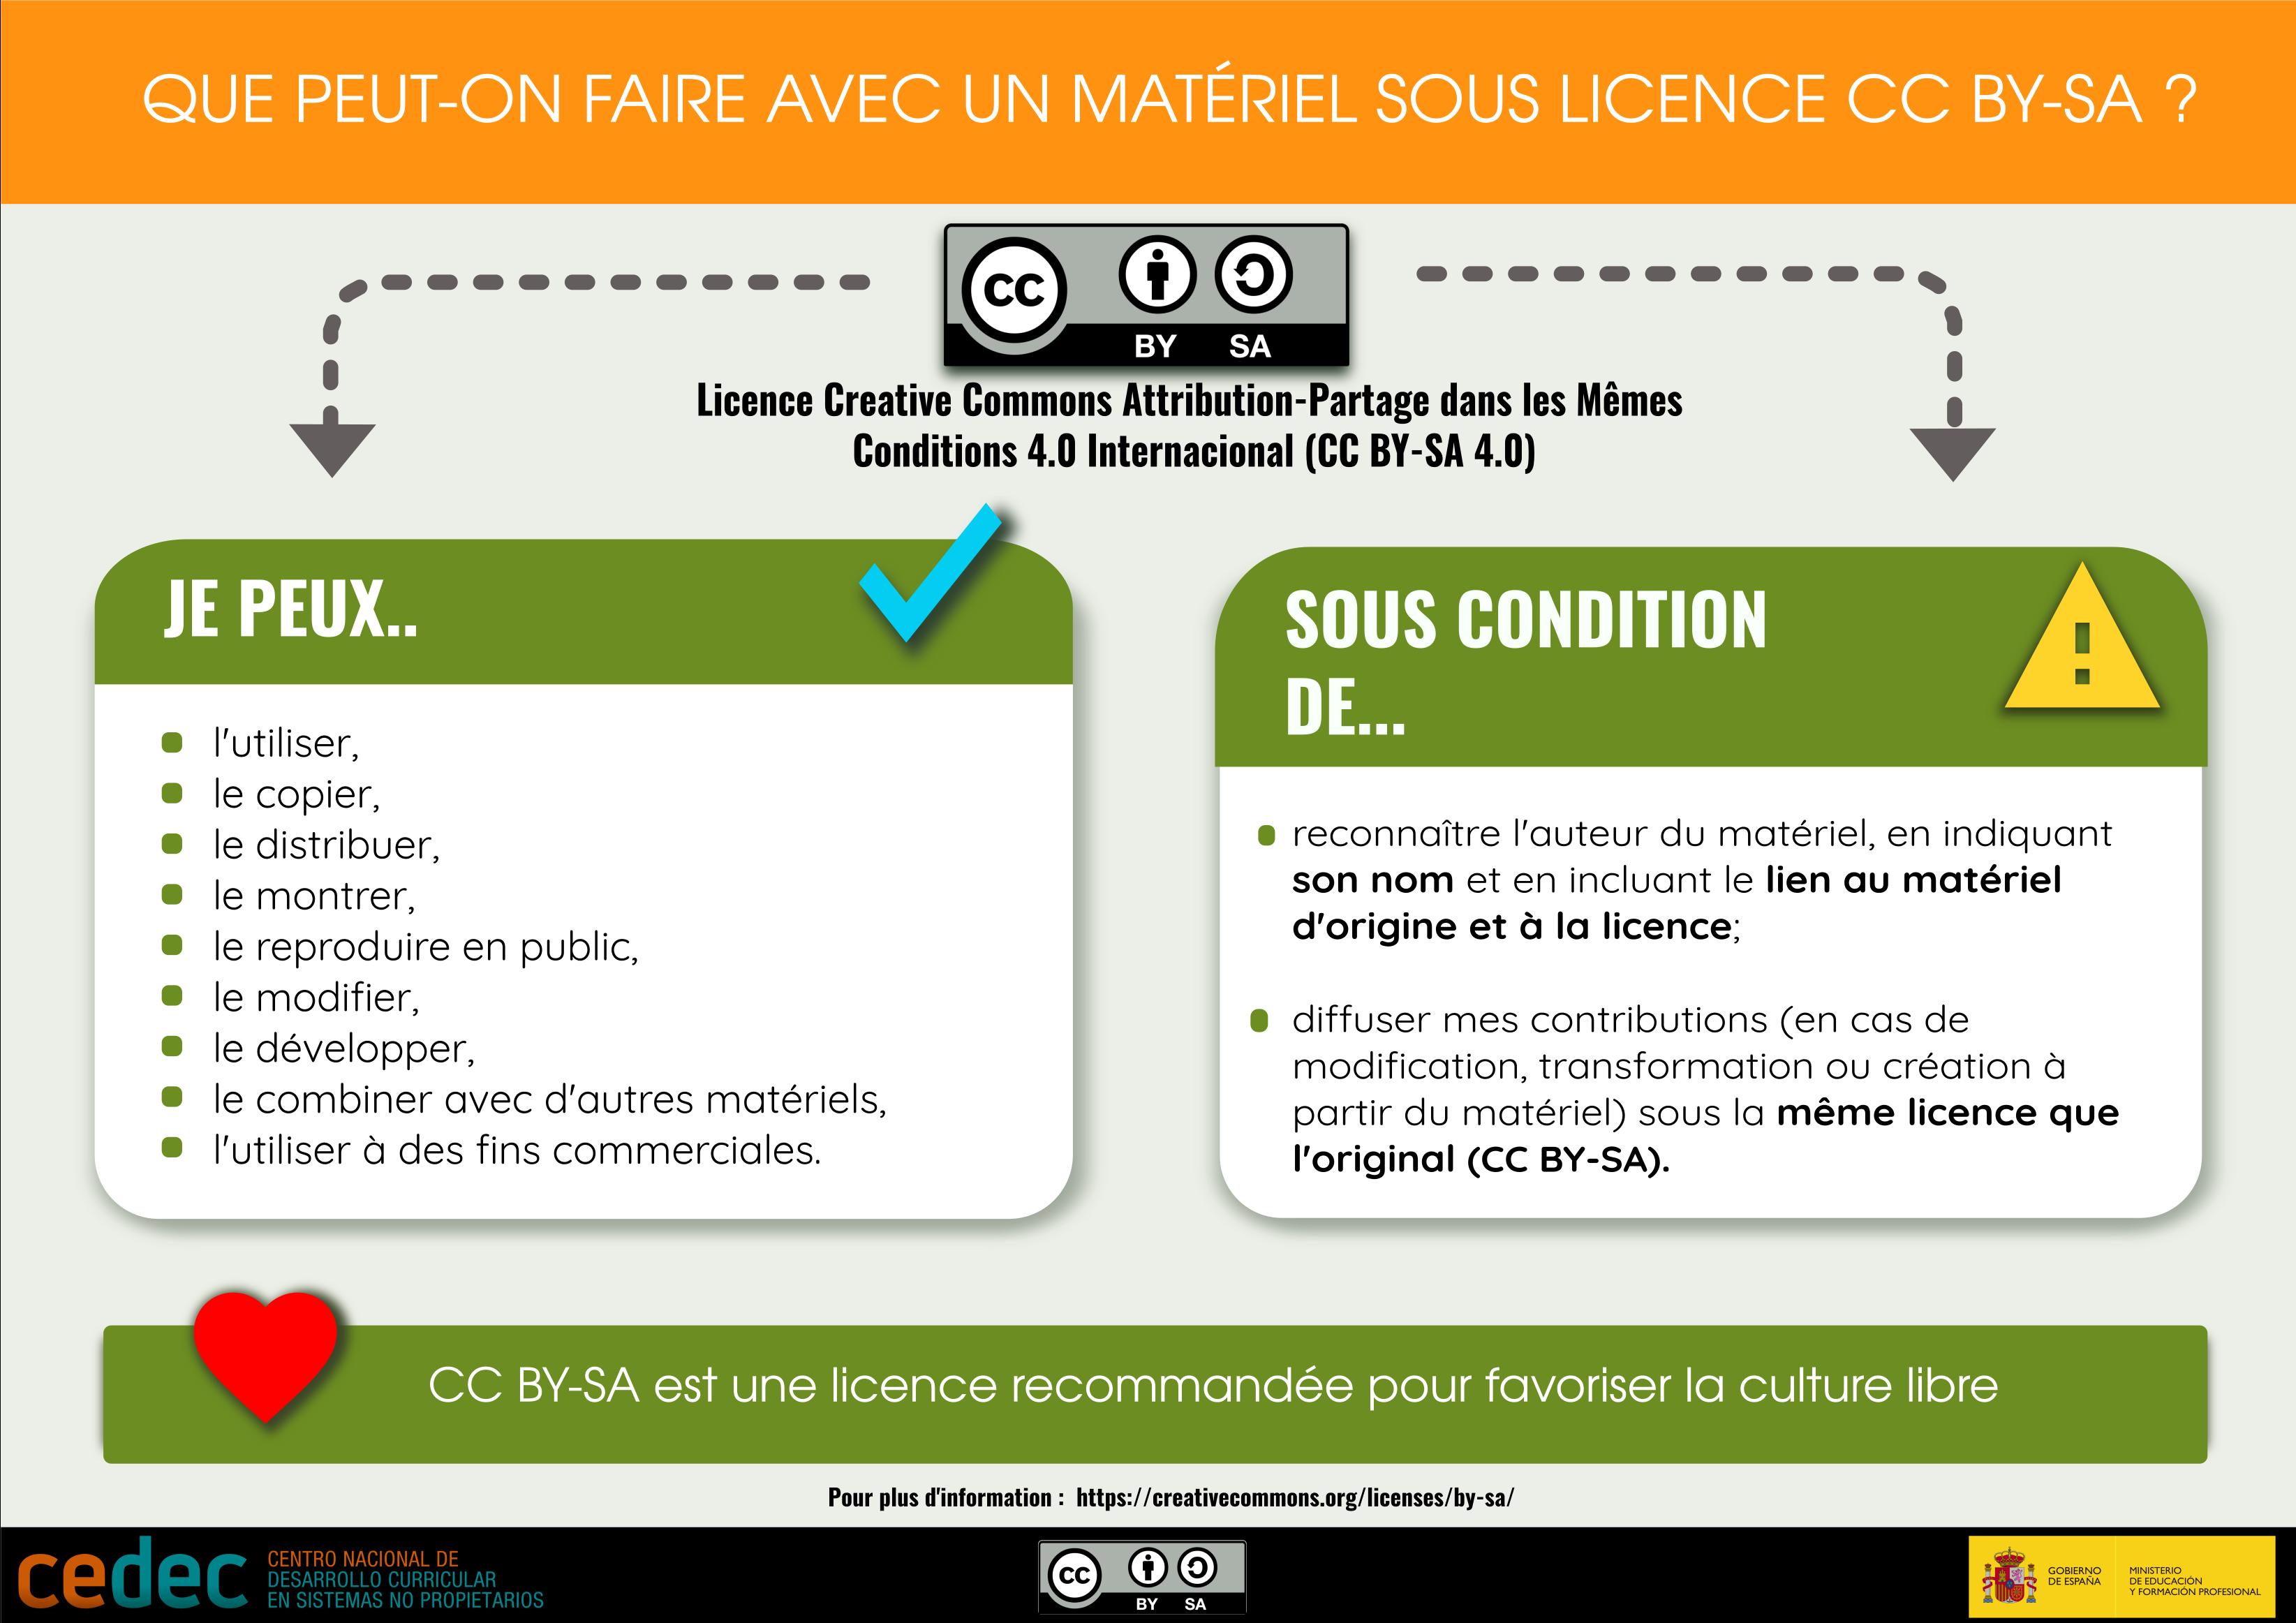 """Traducción de la infografía """"¿Qué puedo hacer con un material con licencia CC BY-SA?"""" al francés"""